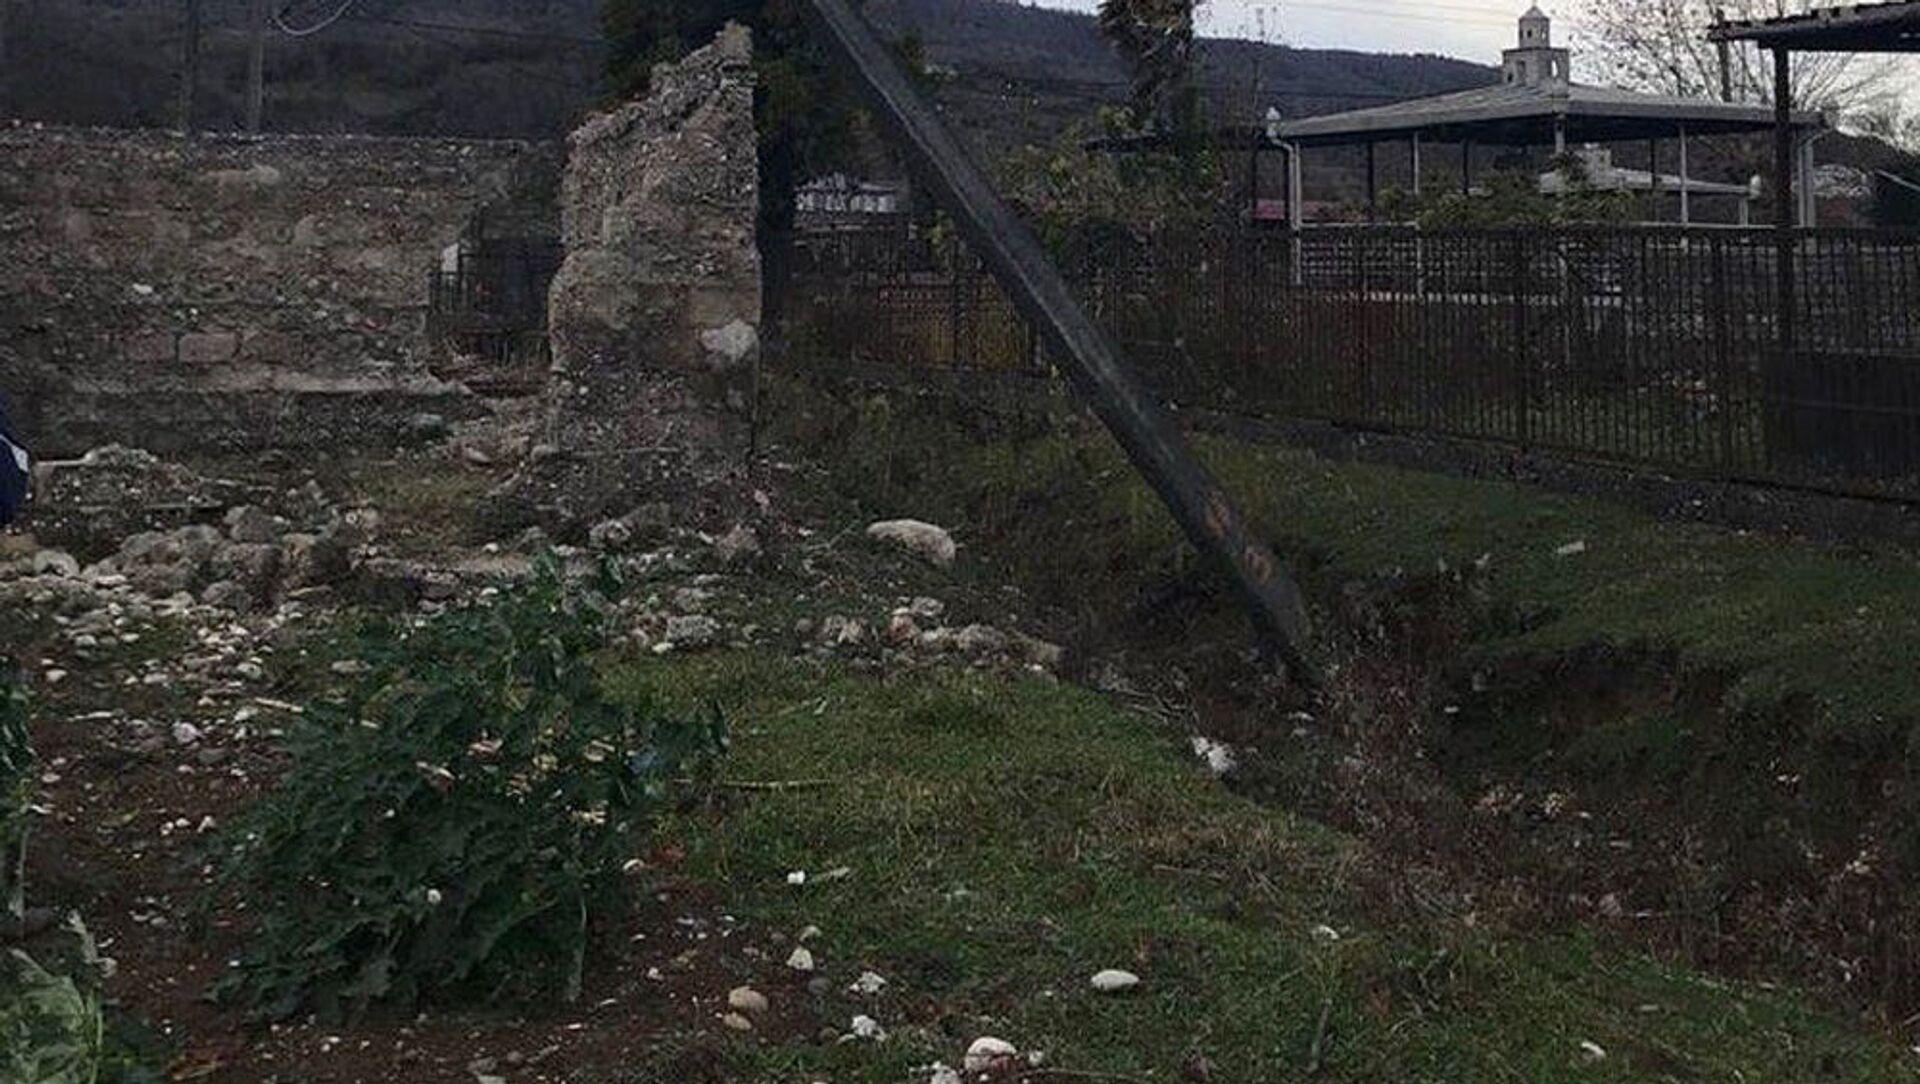 Ветер повалил деревья в Западной Грузии  - Sputnik Грузия, 1920, 17.05.2021